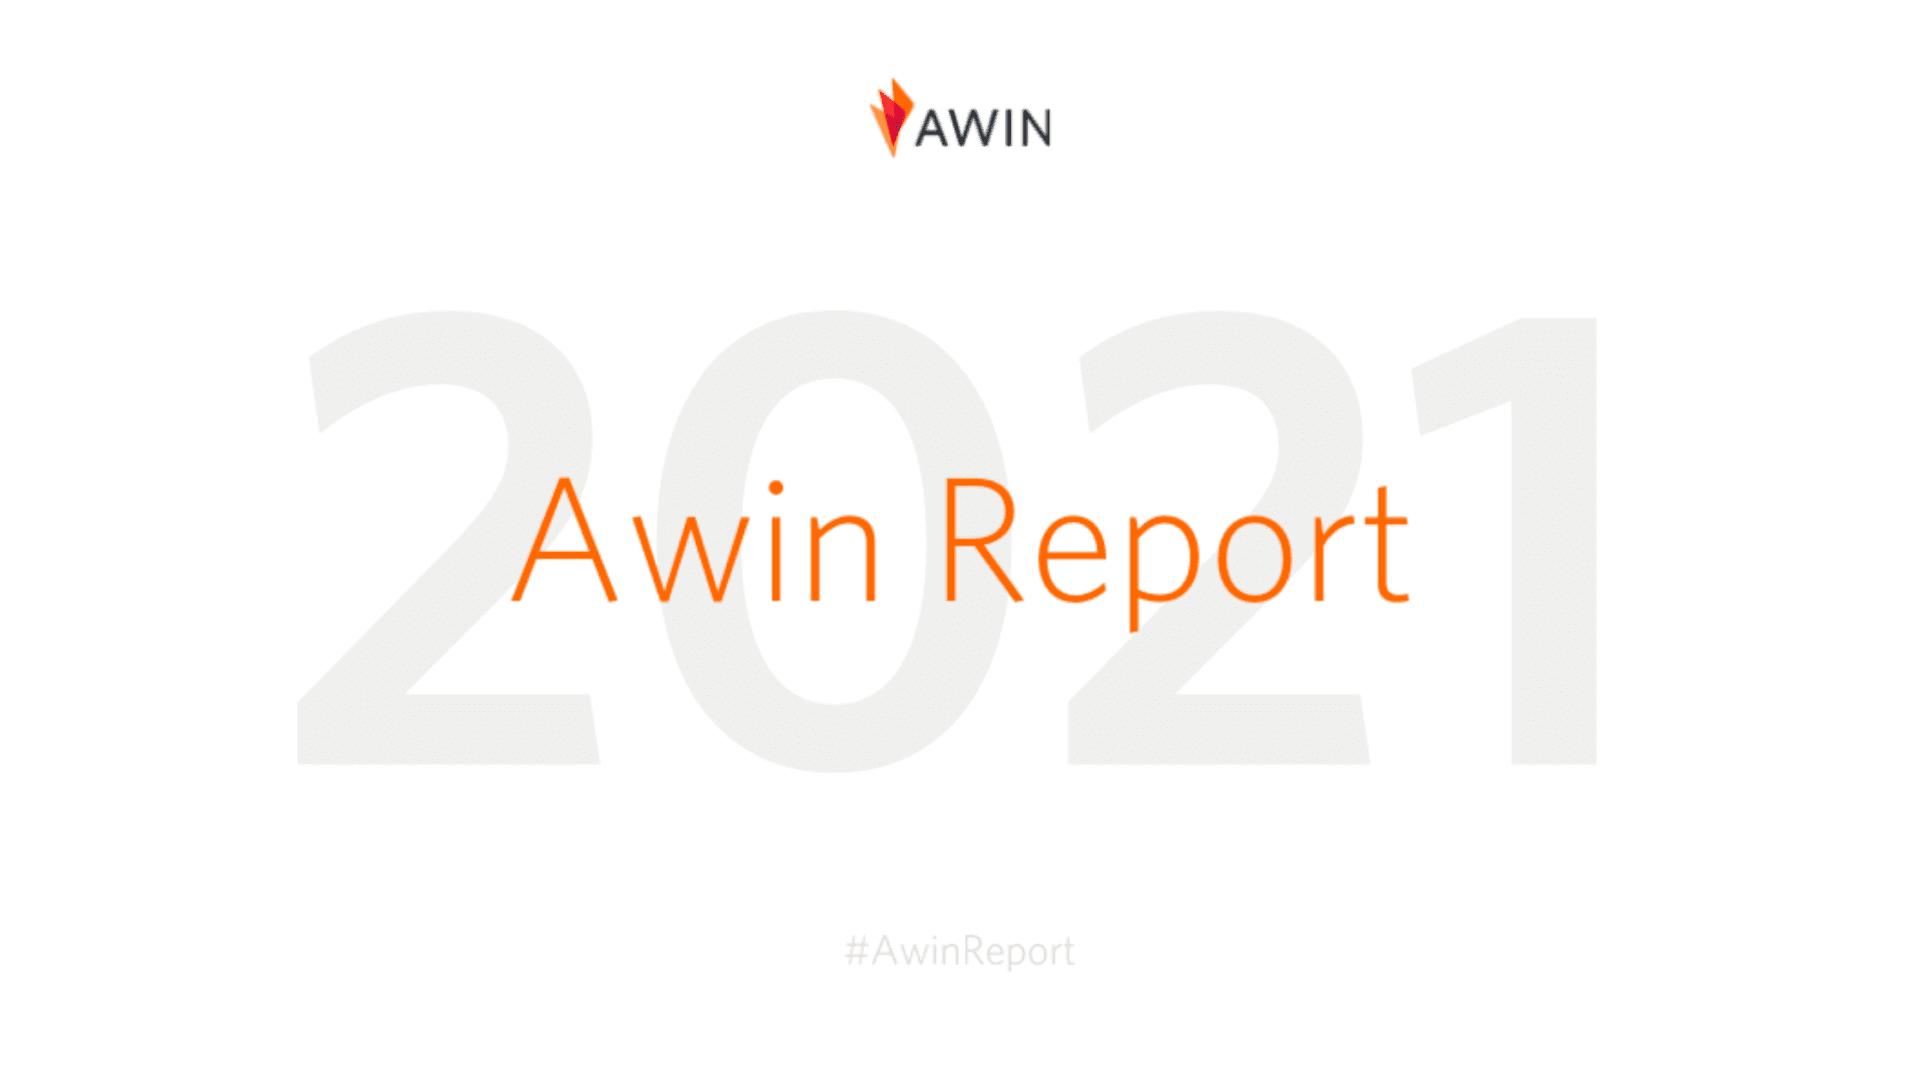 Najnowszy Raport Awin 2021 analizuje wpływ branży marketingu afiliacyjnego na gwałtowny wzrost sprzedaży w Internecie